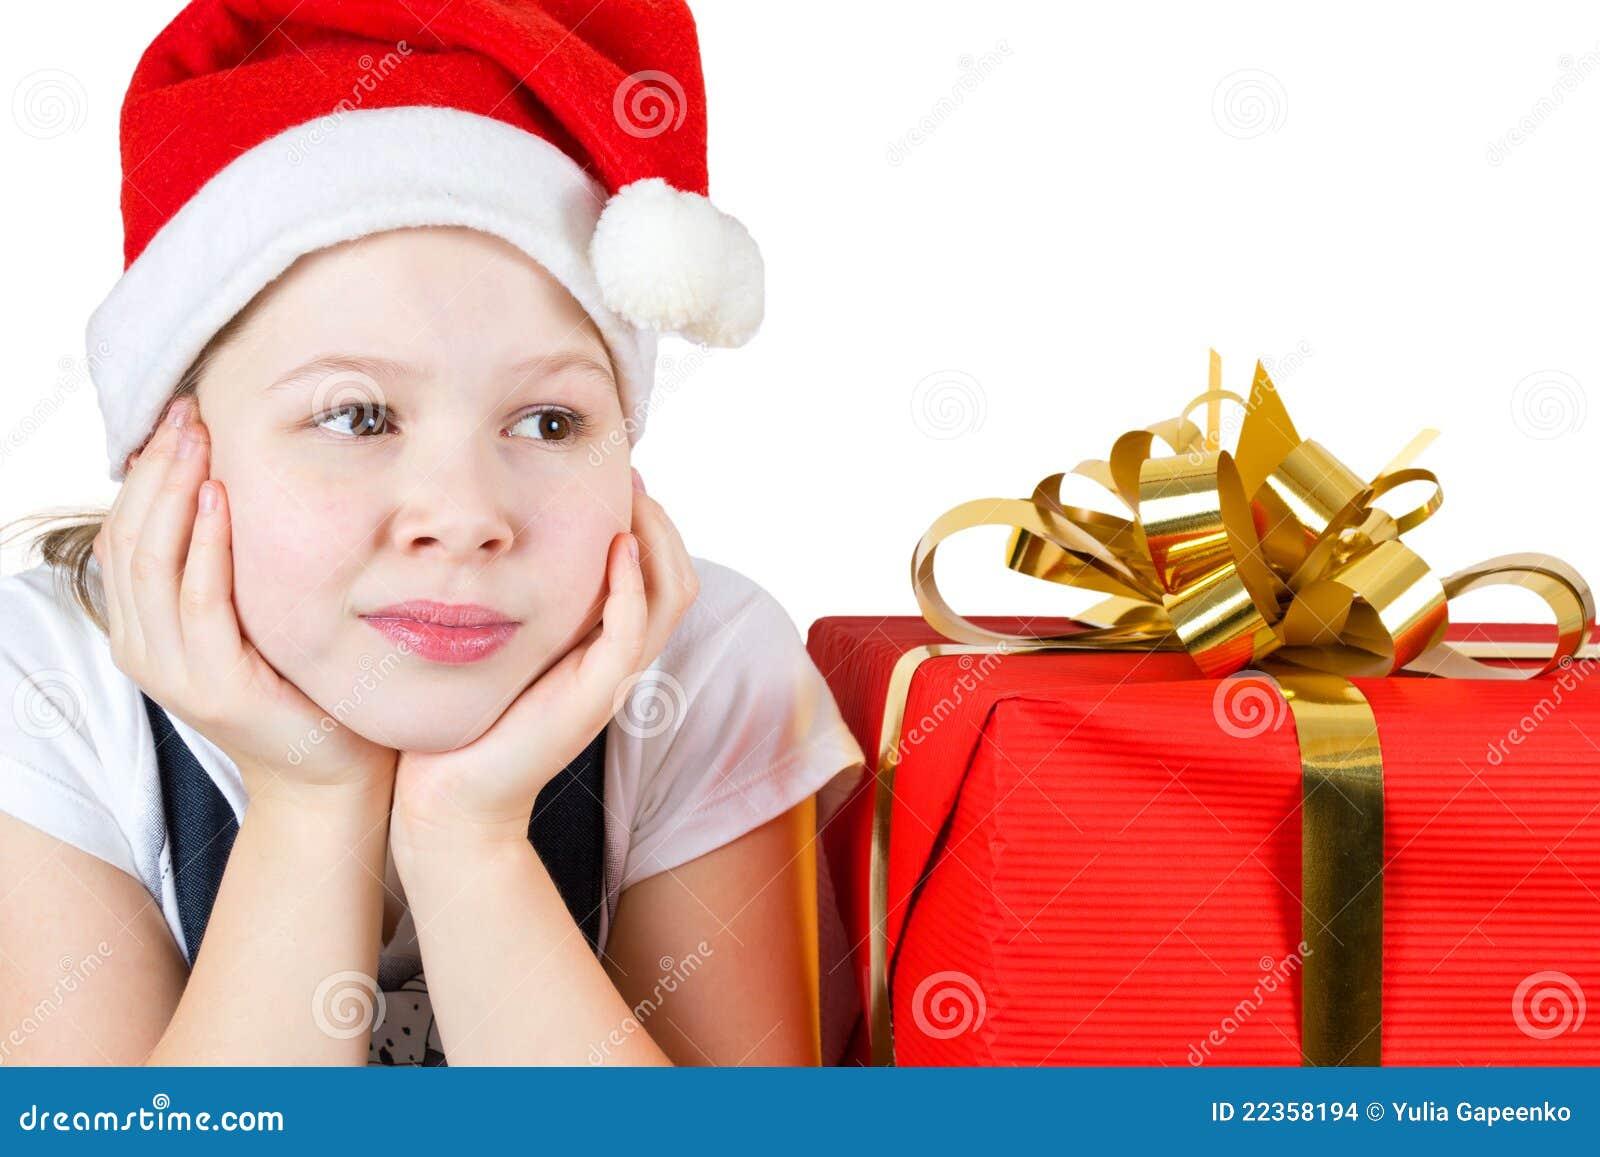 美丽的配件箱礼品女孩少许照片